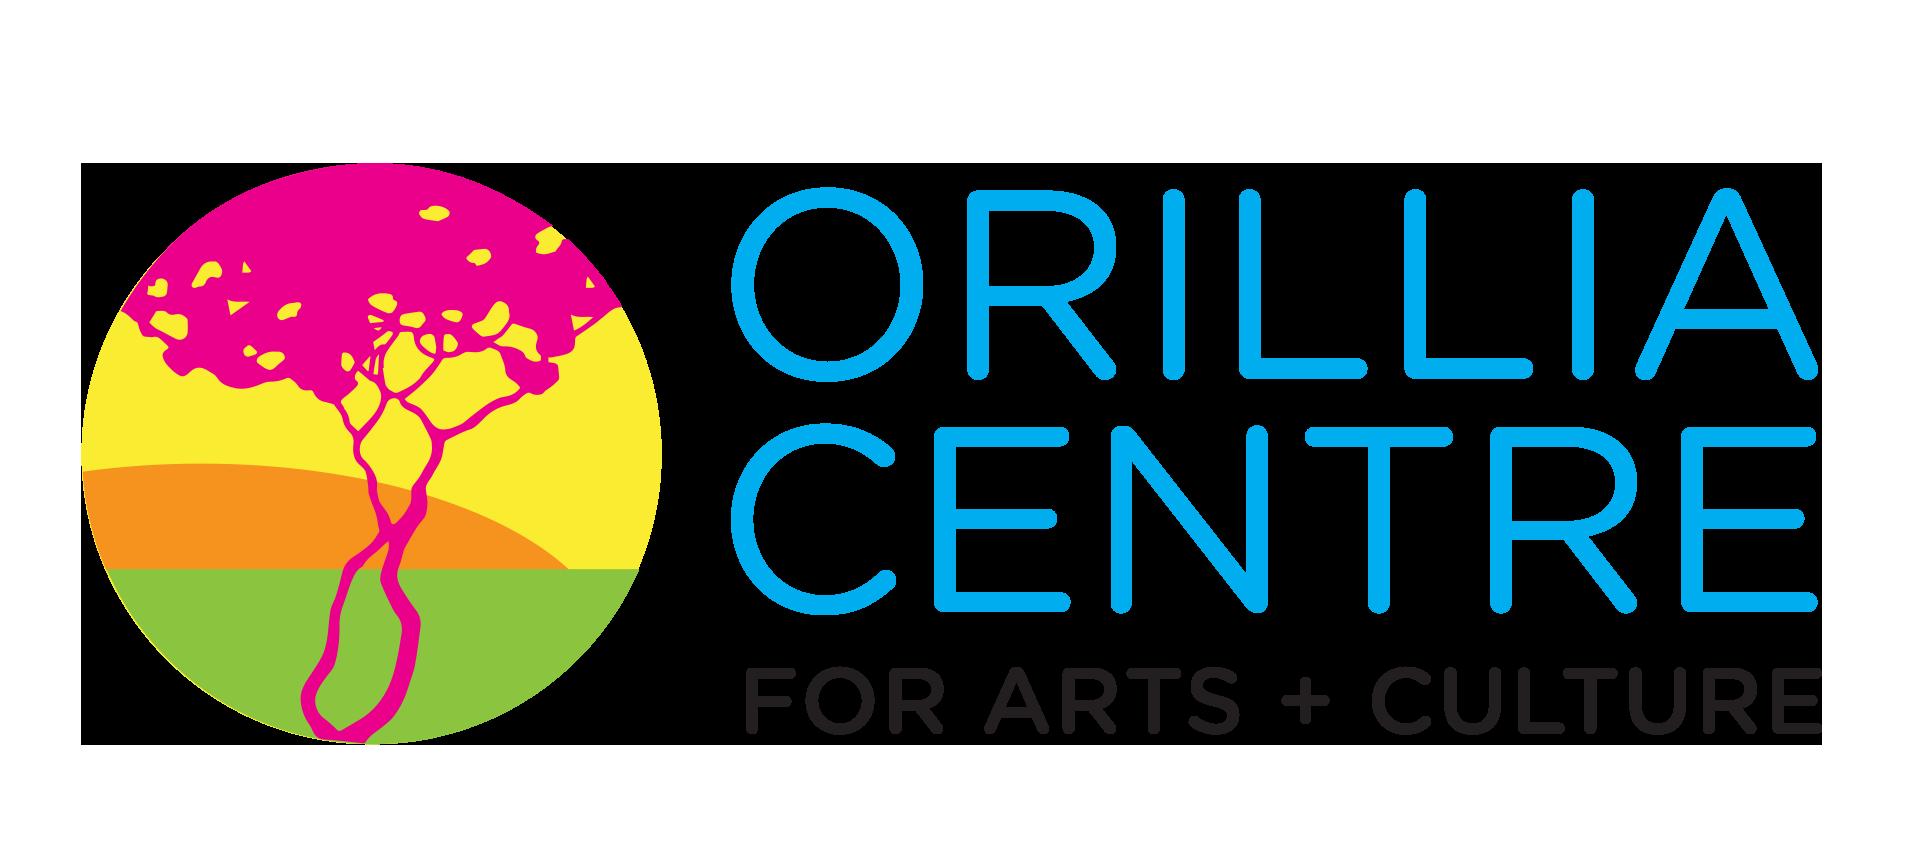 ORILLIA CENTRE FOR ARTS & CULTURE